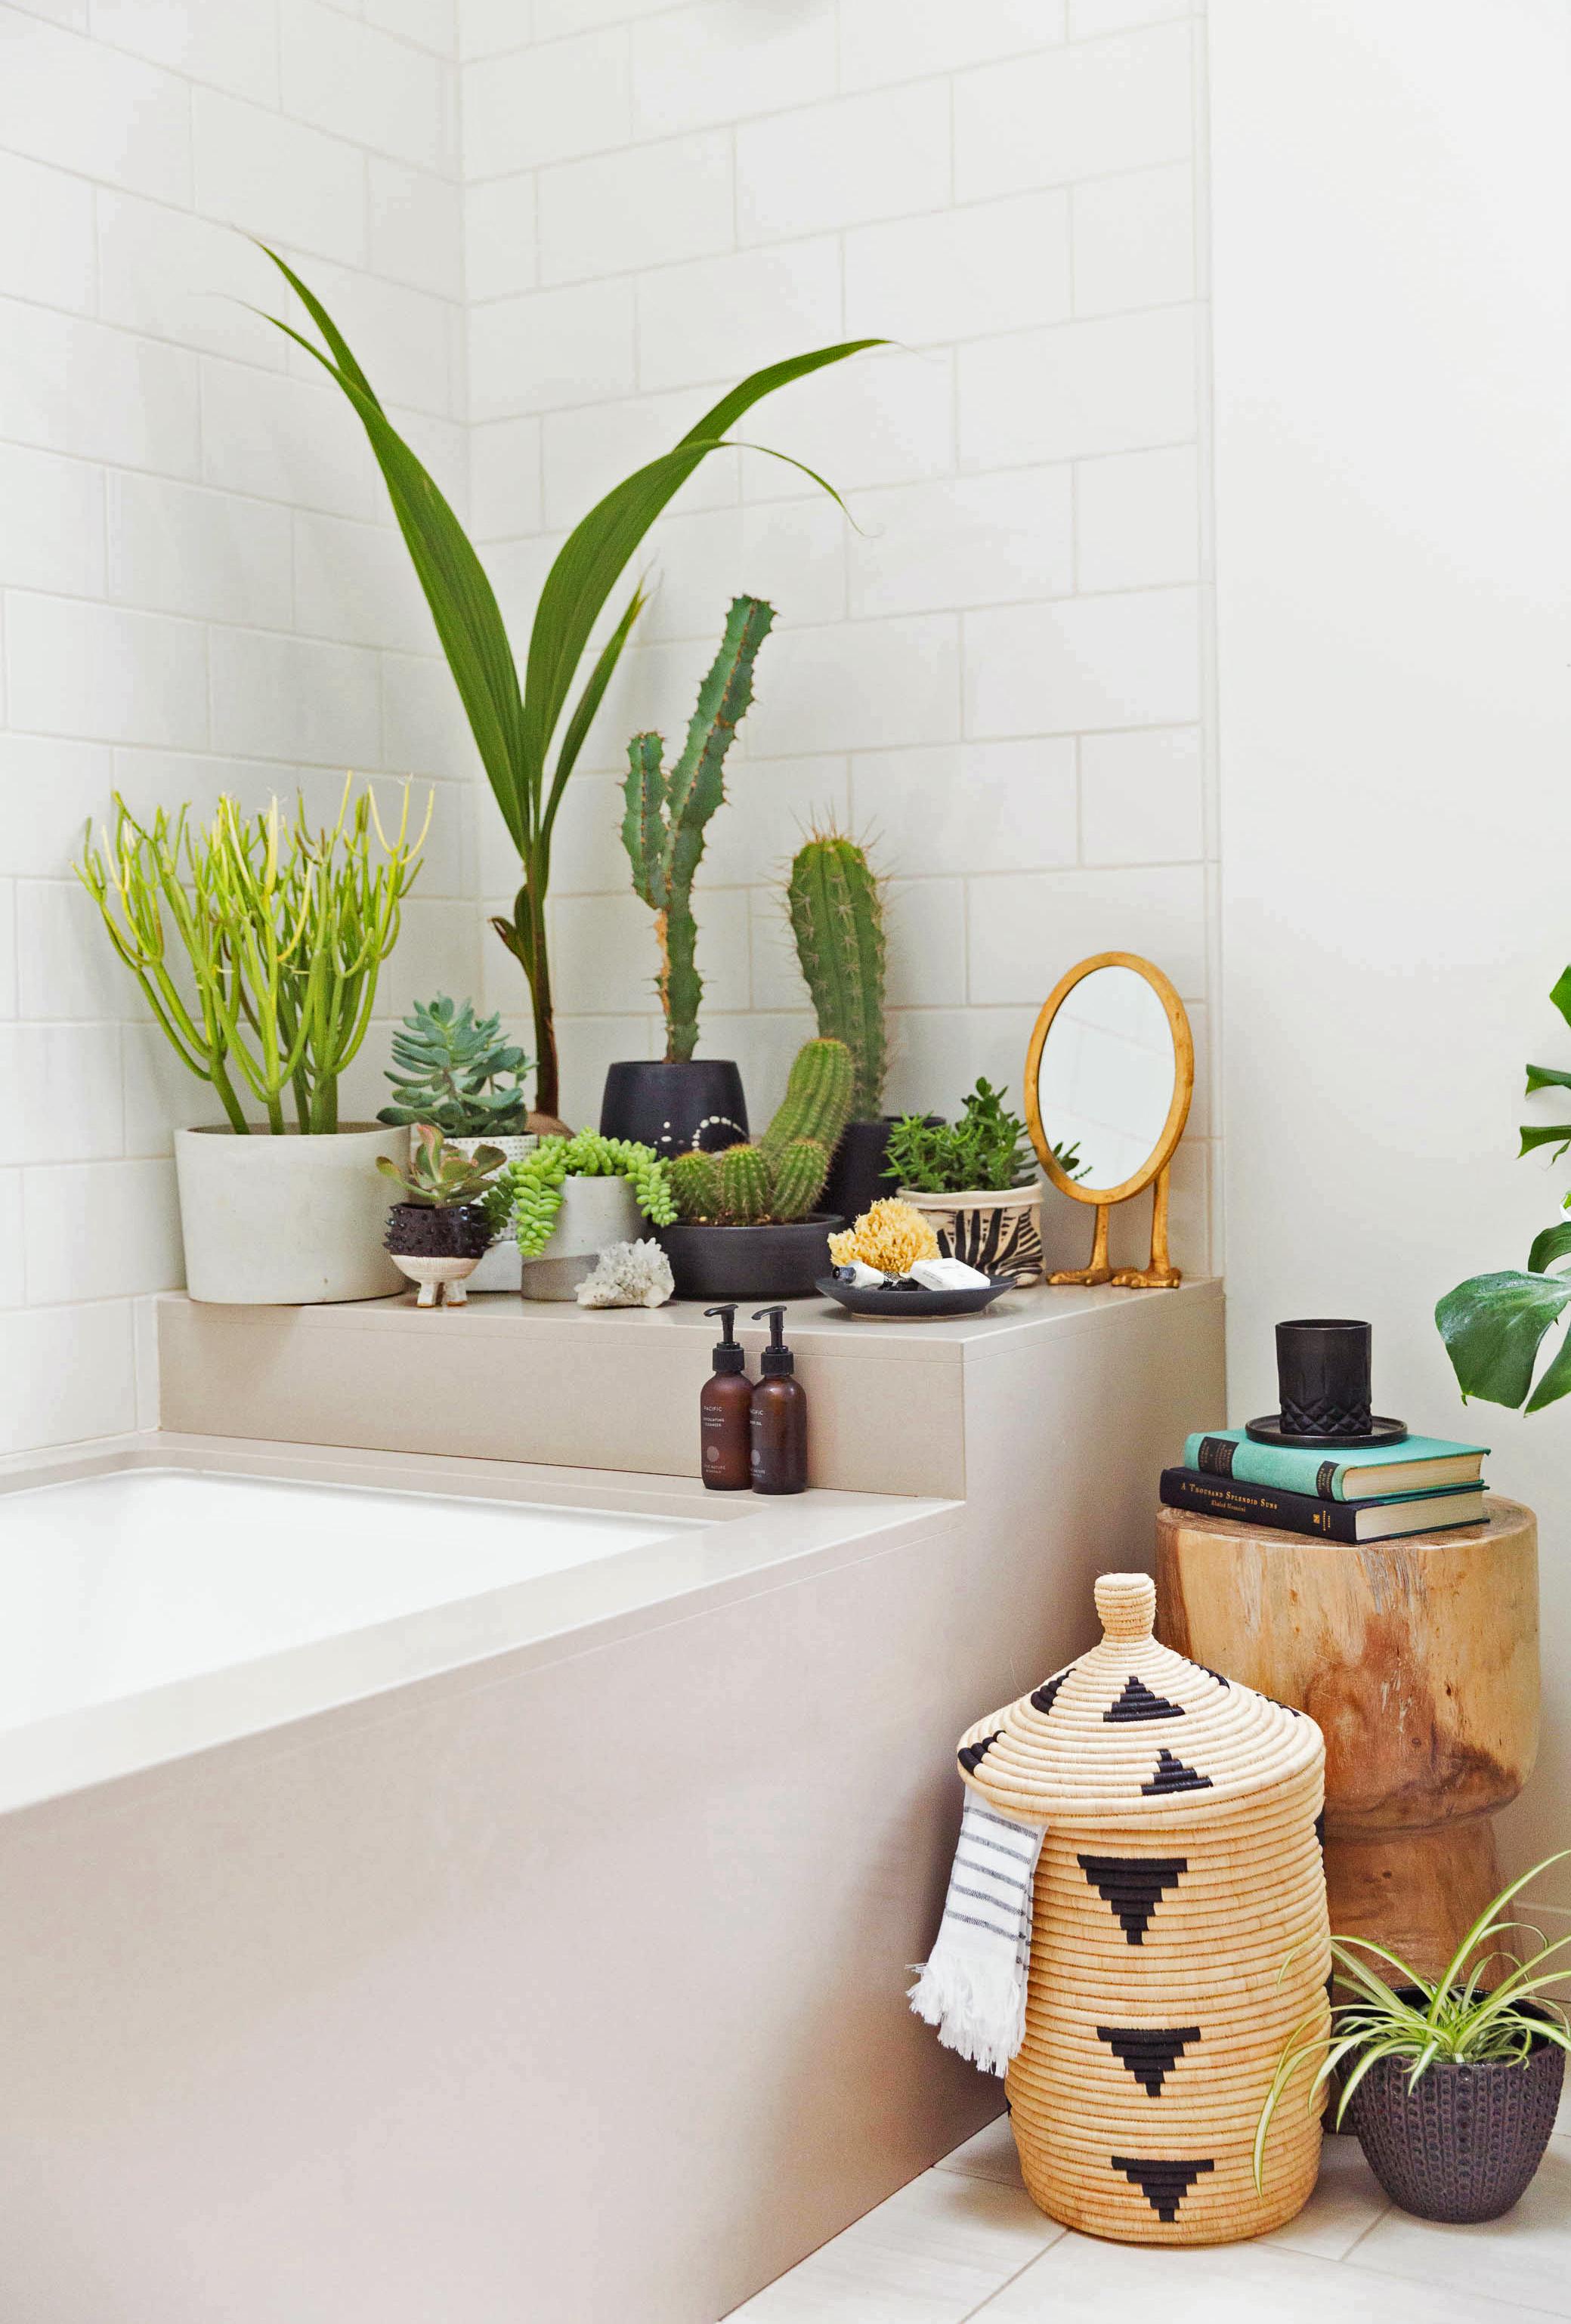 Le fil vert en décoration d'intérieur || Un jardin d'intérieur dans sa salle de bain par honestlywtf